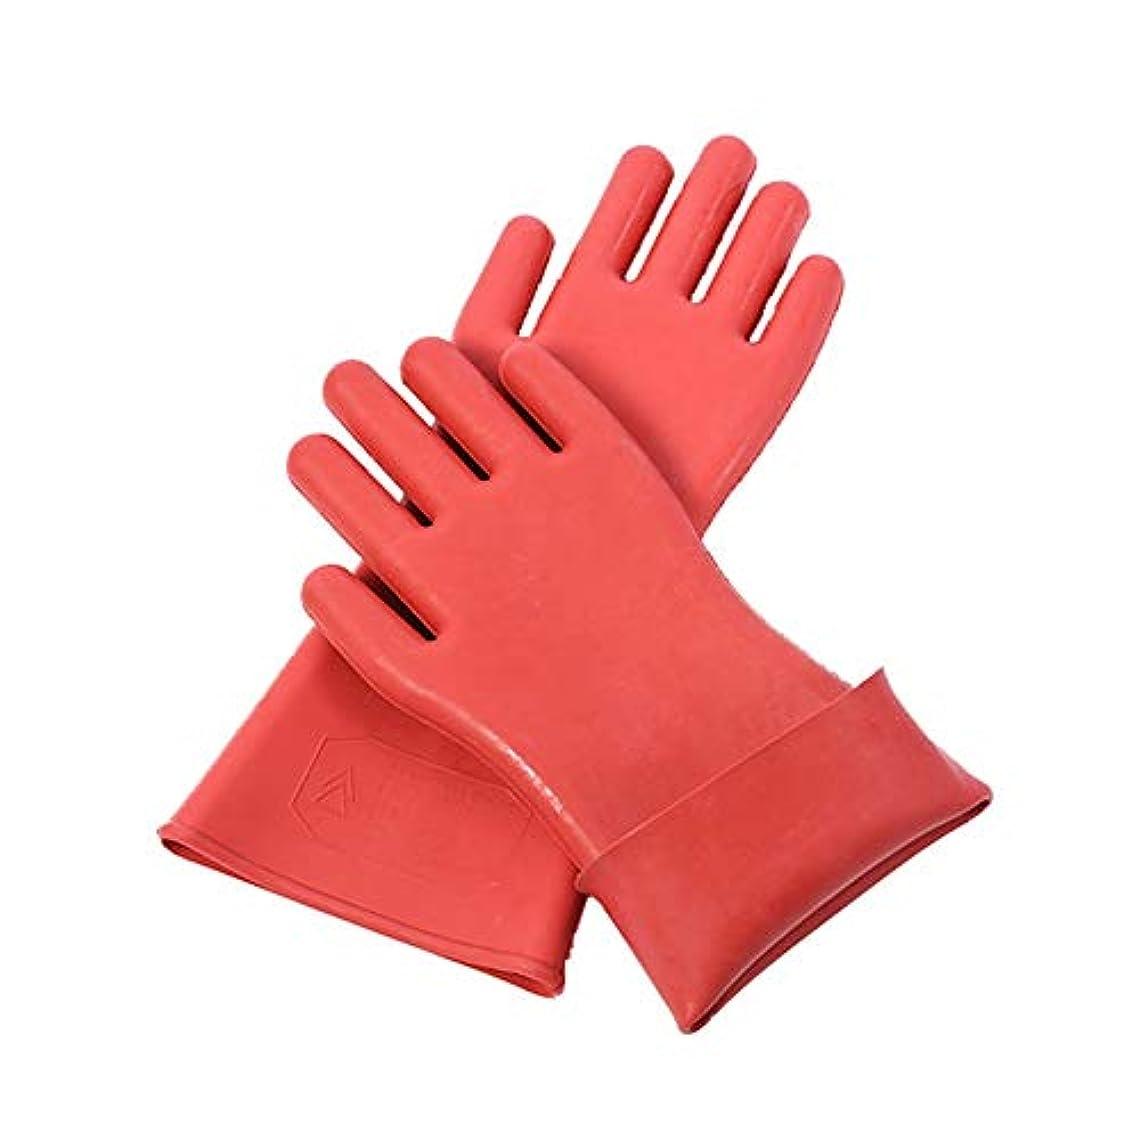 ウィスキータイル処方高圧用絶縁手袋 12kv 電気絶縁 ゴム手袋 絶縁グローブ(薄手タイプ)使いやすい 滑り止めデザイン、耐摩耗タイプ、電気作業時の必需品 耐電ゴム手袋